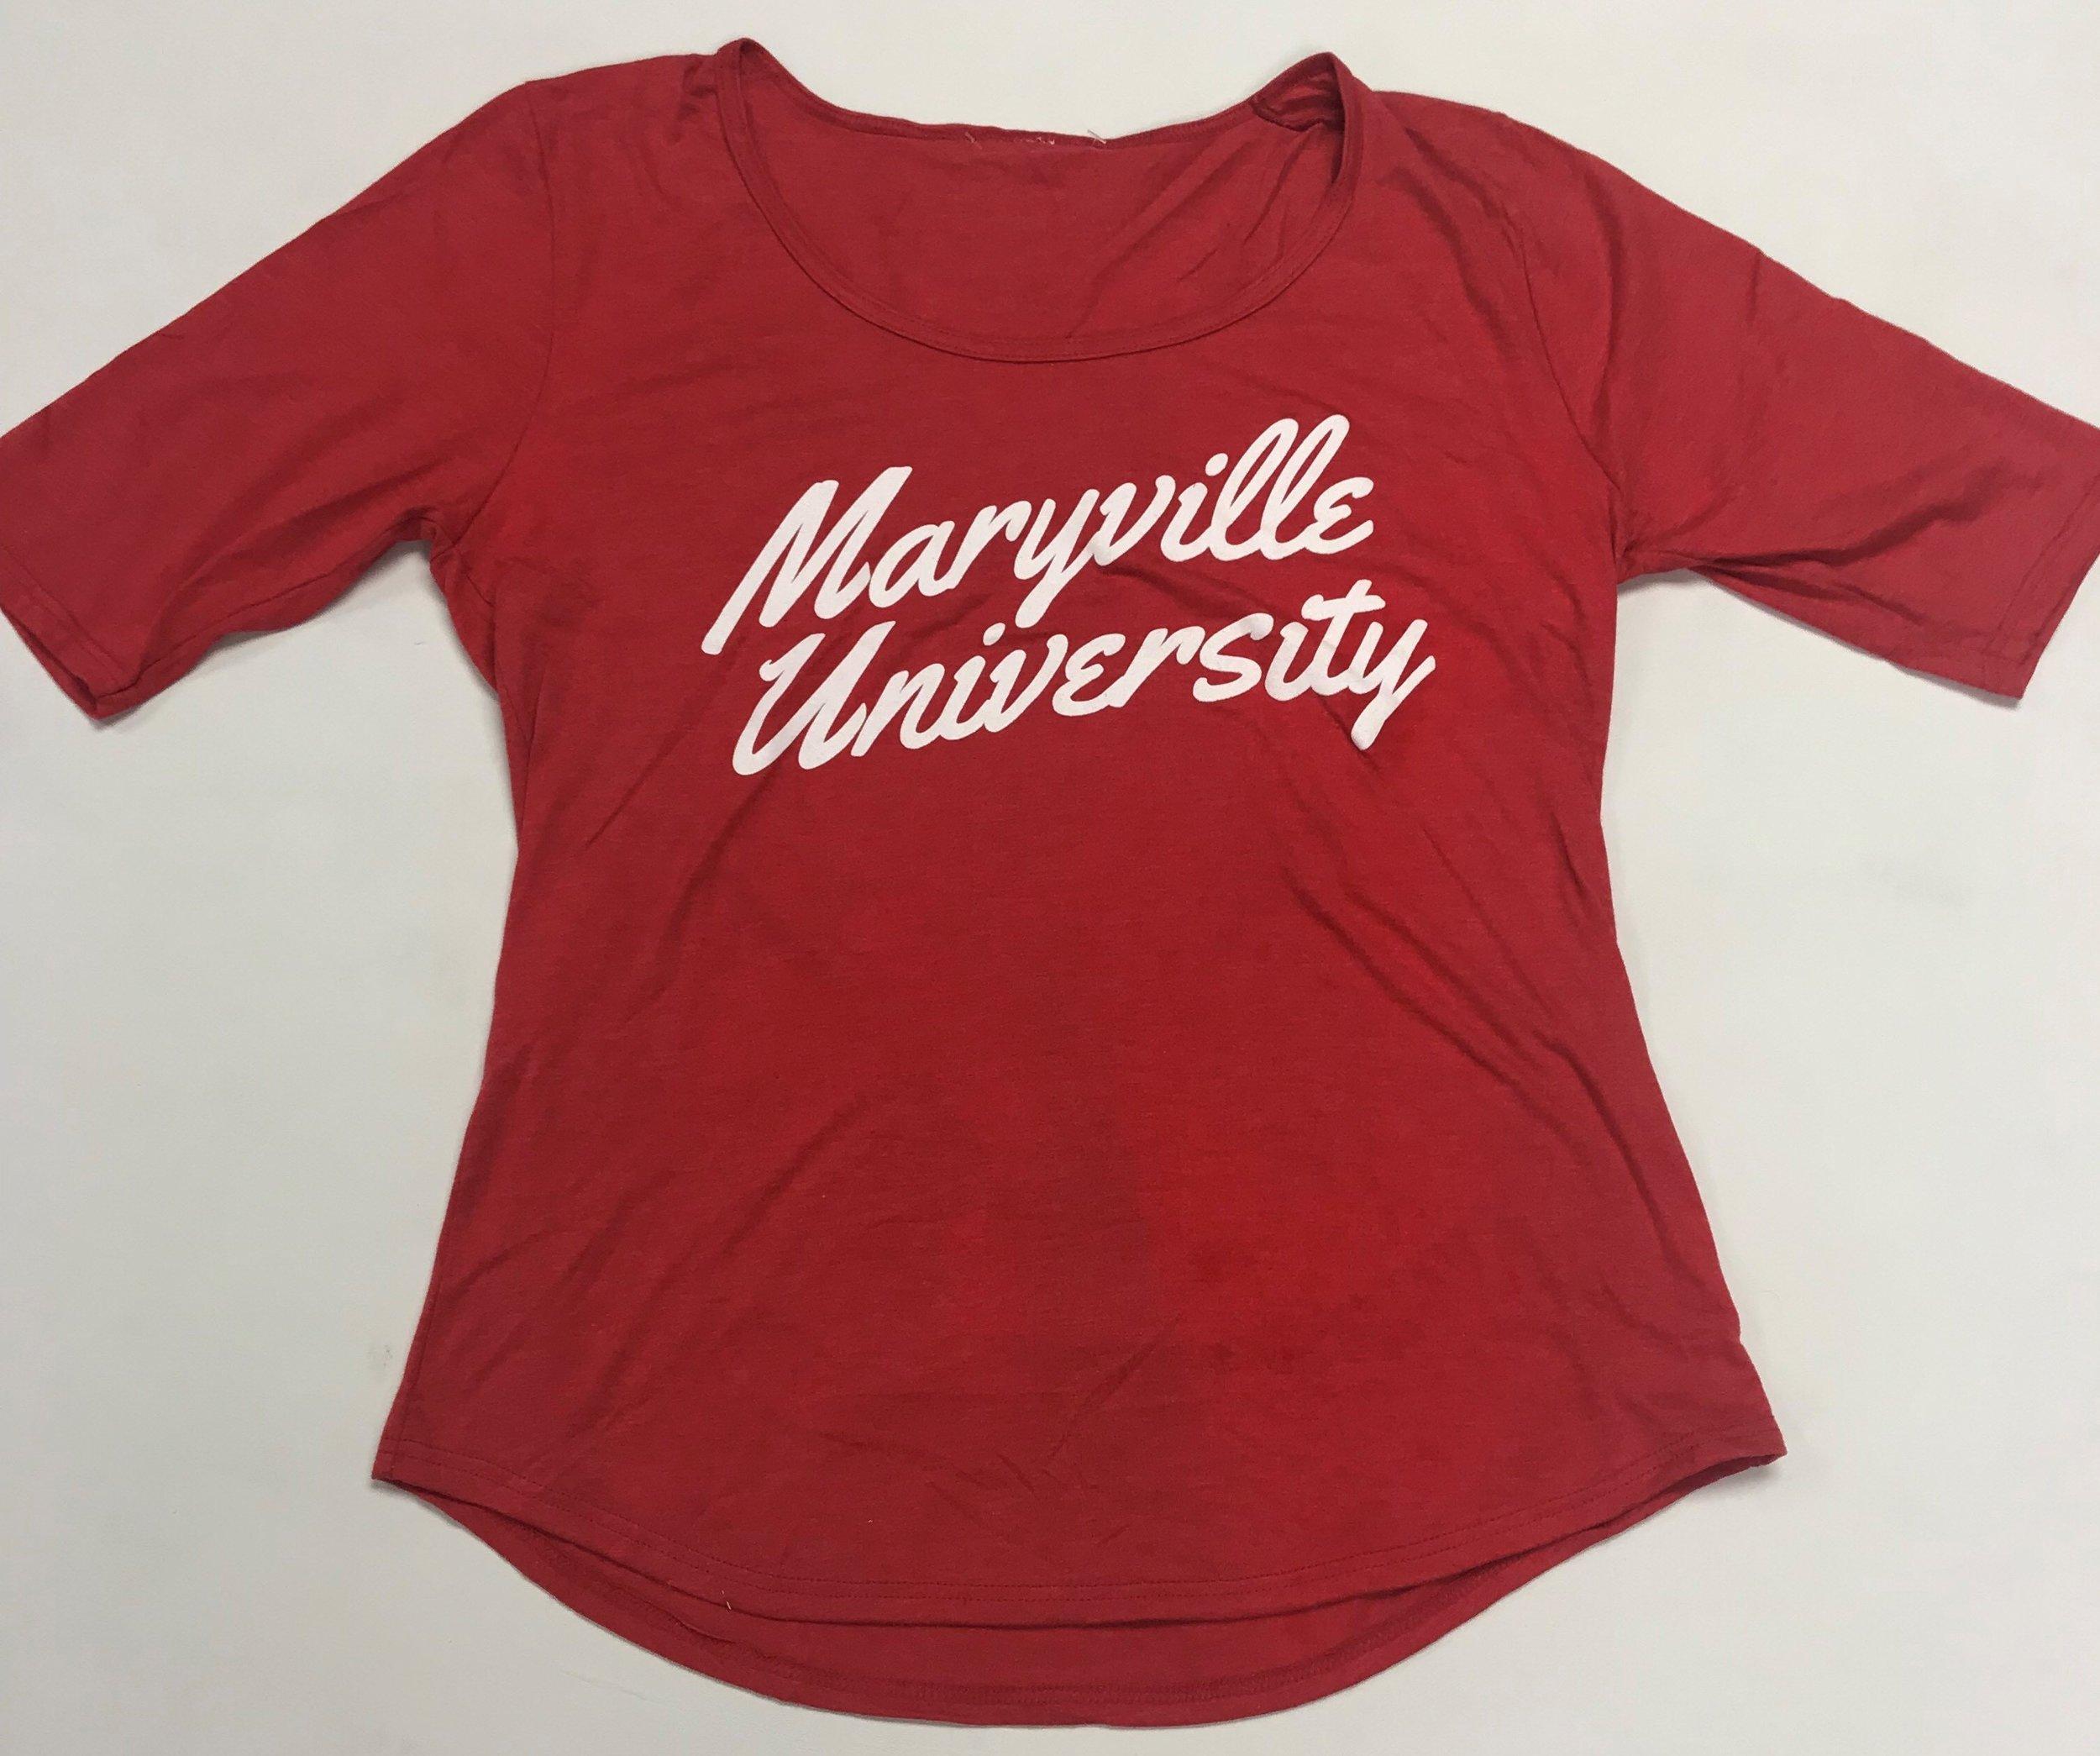 Maryville University.jpg